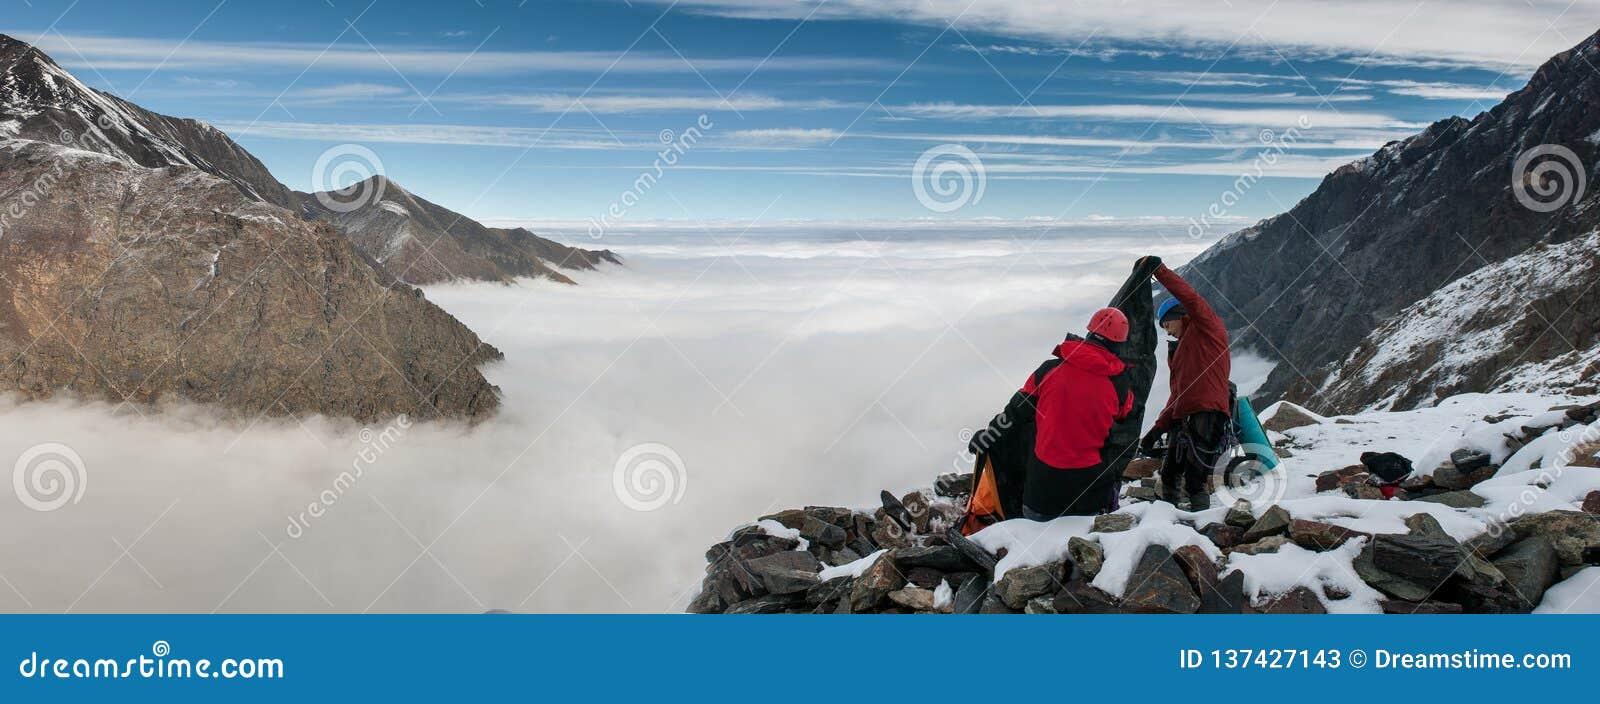 山,旅行,自然,雪,云彩